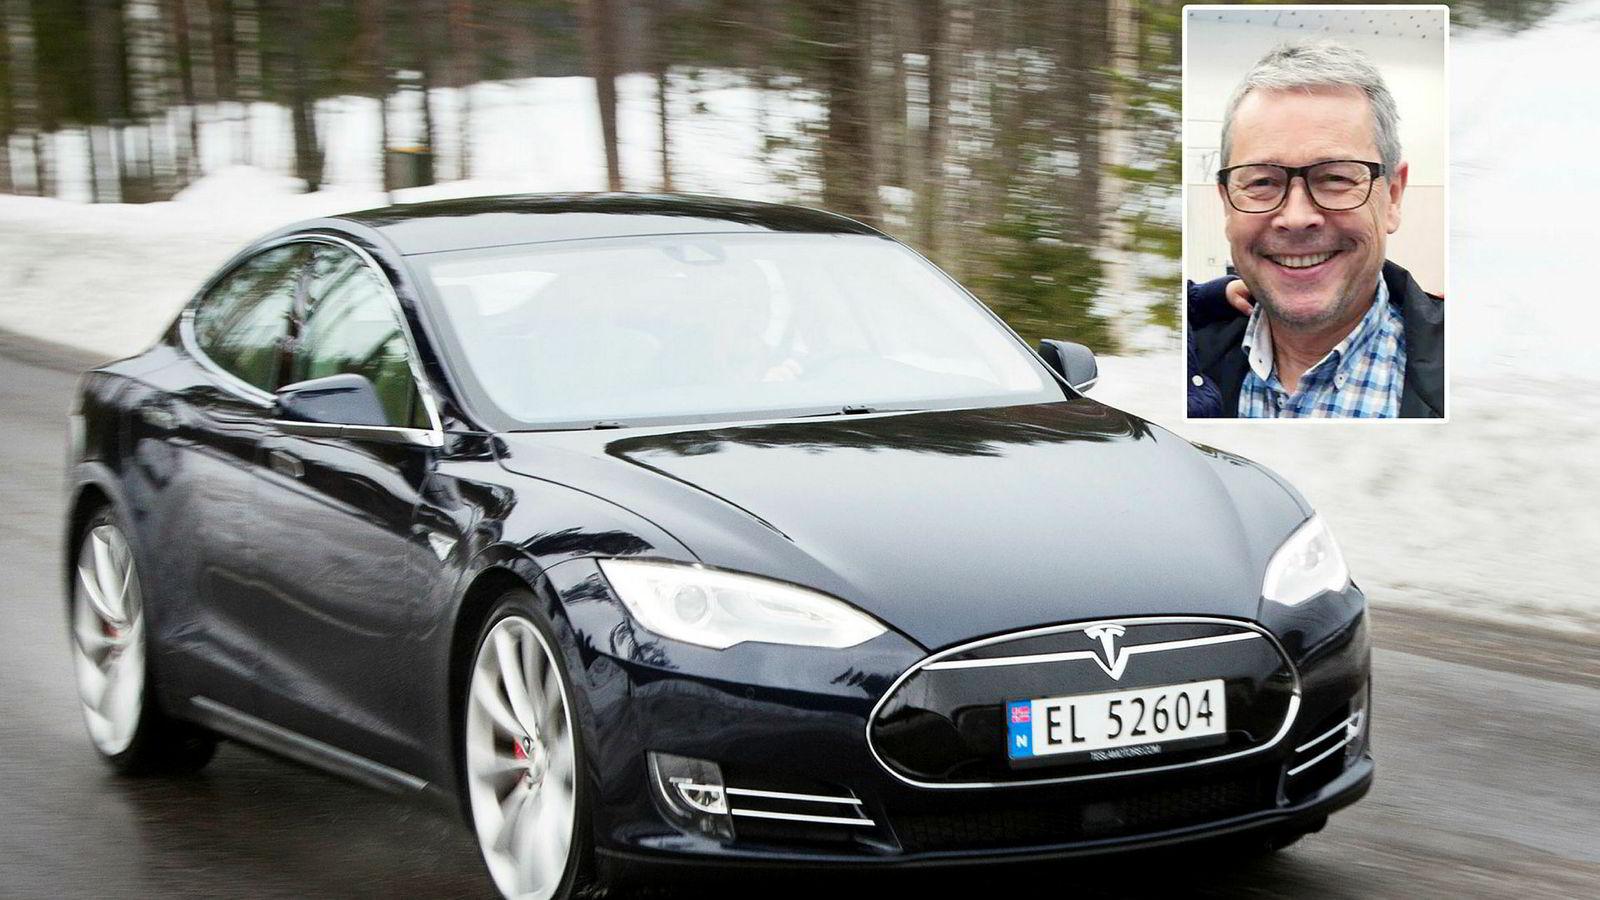 Tesla Model S er solgt i nesten 20.000 eksemplarer i Norge. Noen velger likevel å gå tilbake til fossilt drivstoff. Per Terje Lænn kjører nå en ladbar hybrid.